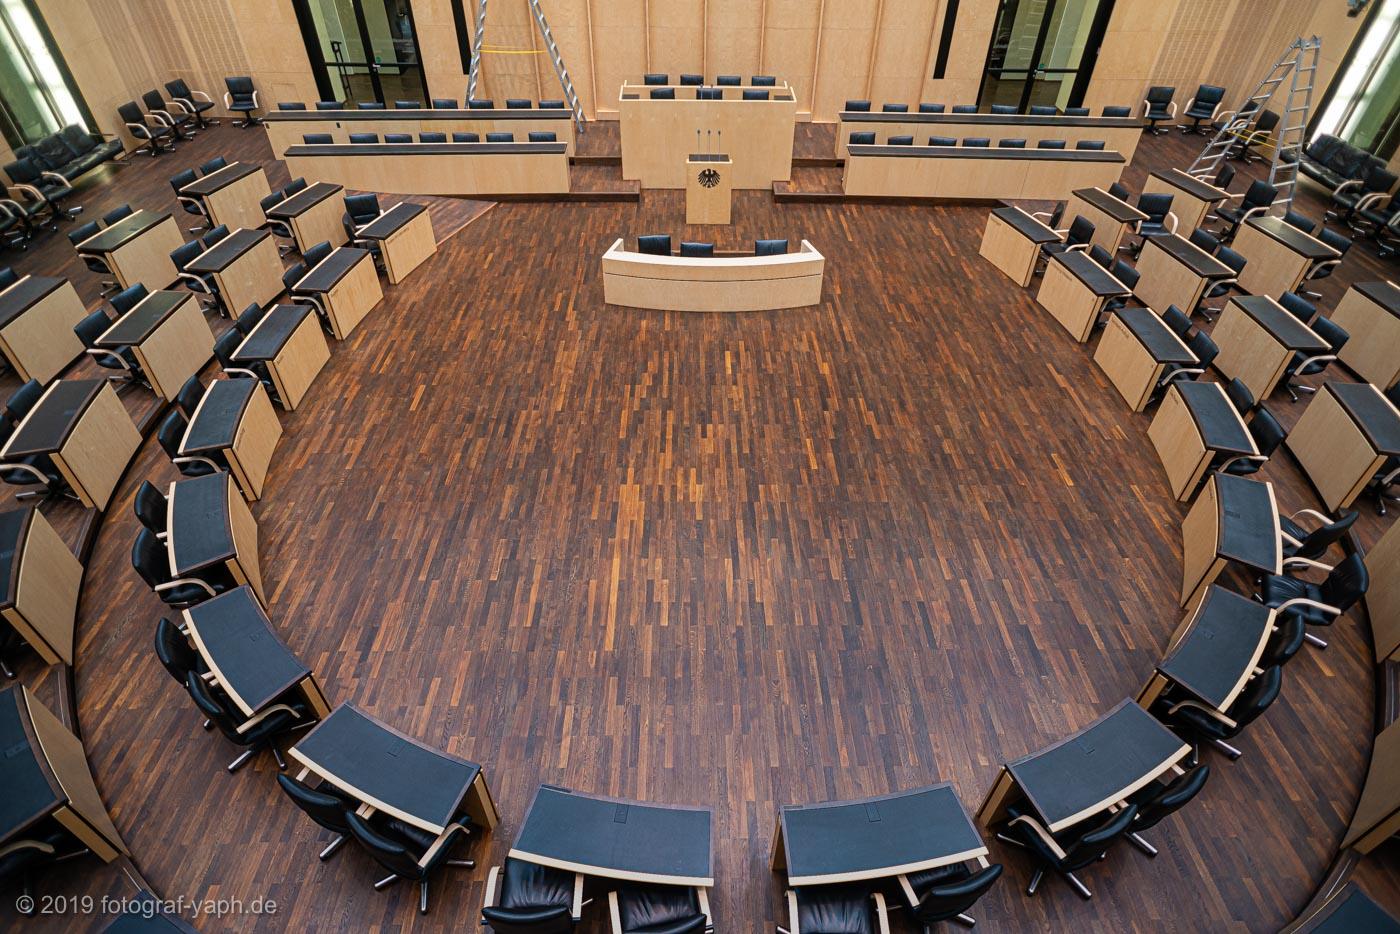 Sitzungssaal Bundesrat Berlin fotografiert von Fotostudio Yaph Trier